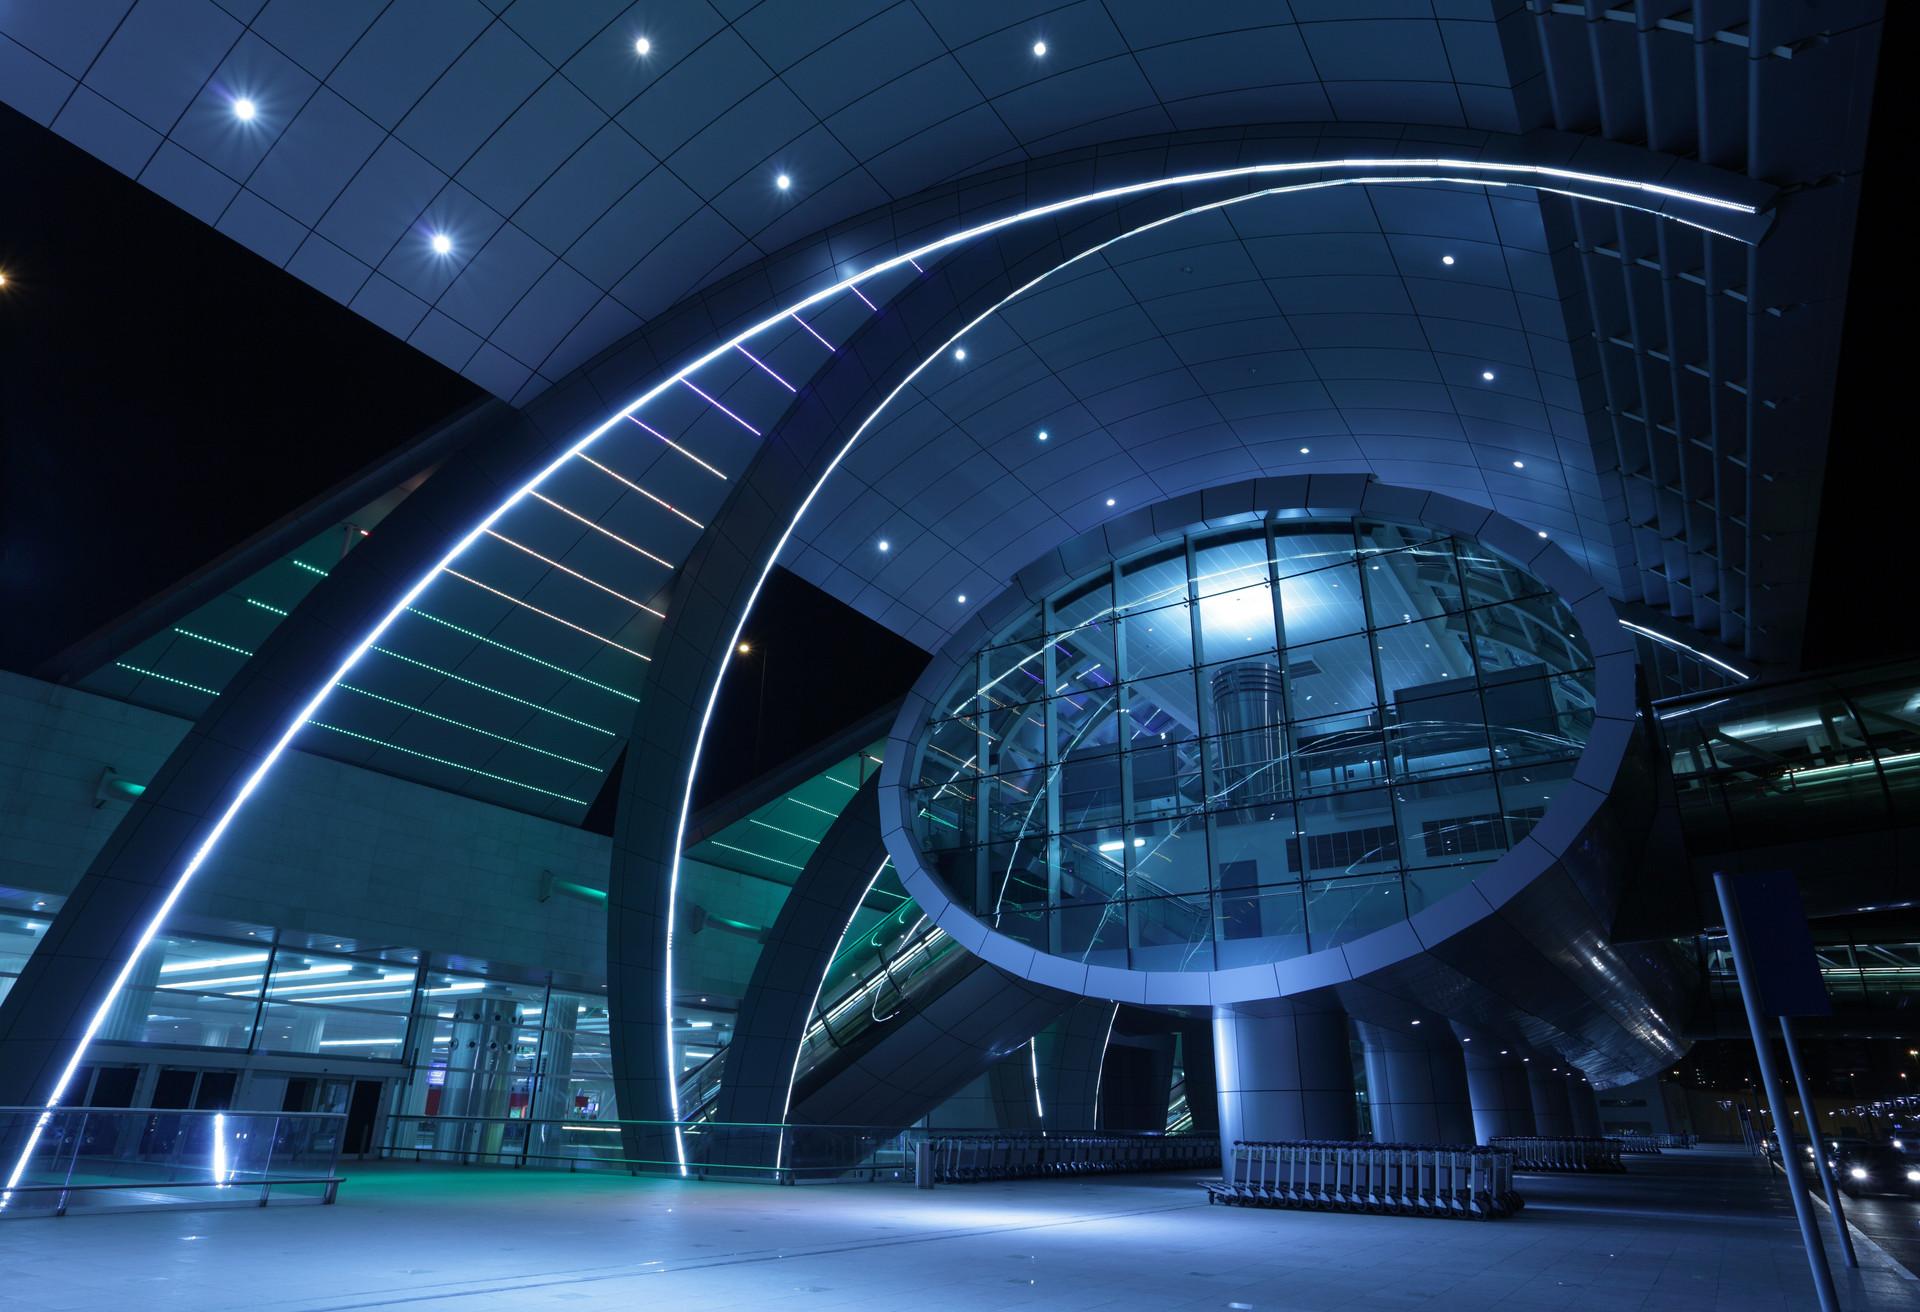 La terminal 3 del aeropuerto de Dubái era el mayor edificio del mundo en el momento de su construcción